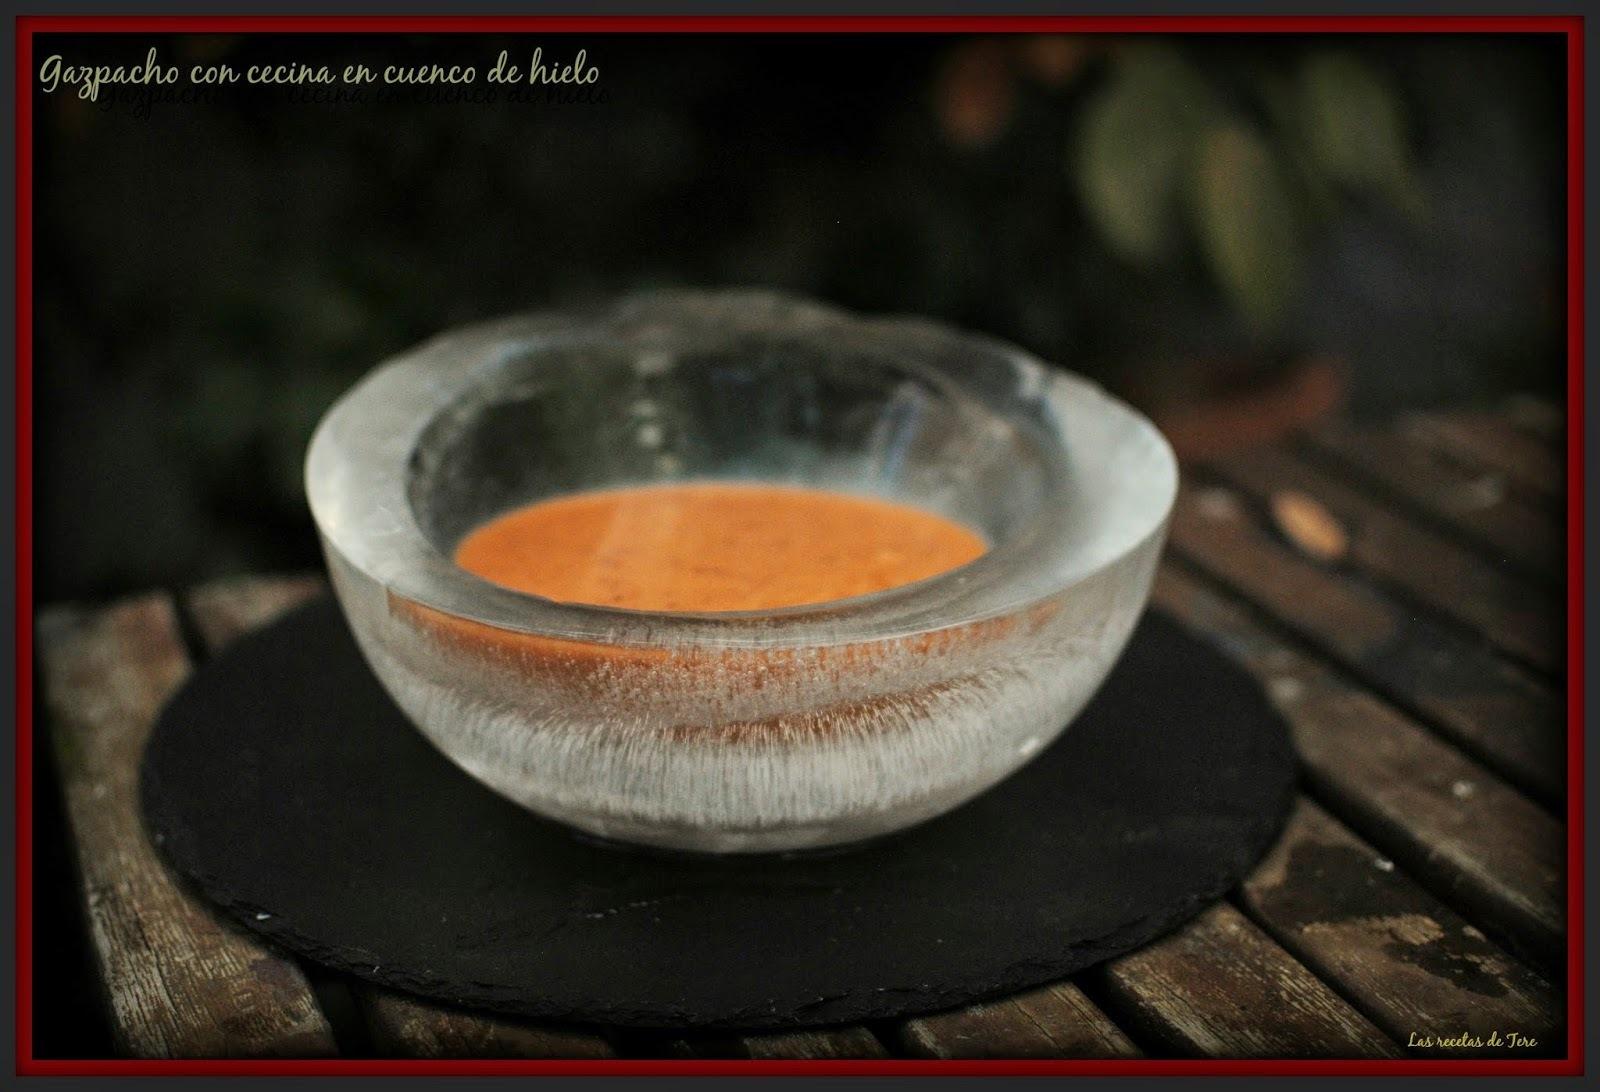 Gazpacho con cecina en cuenco de hielo.